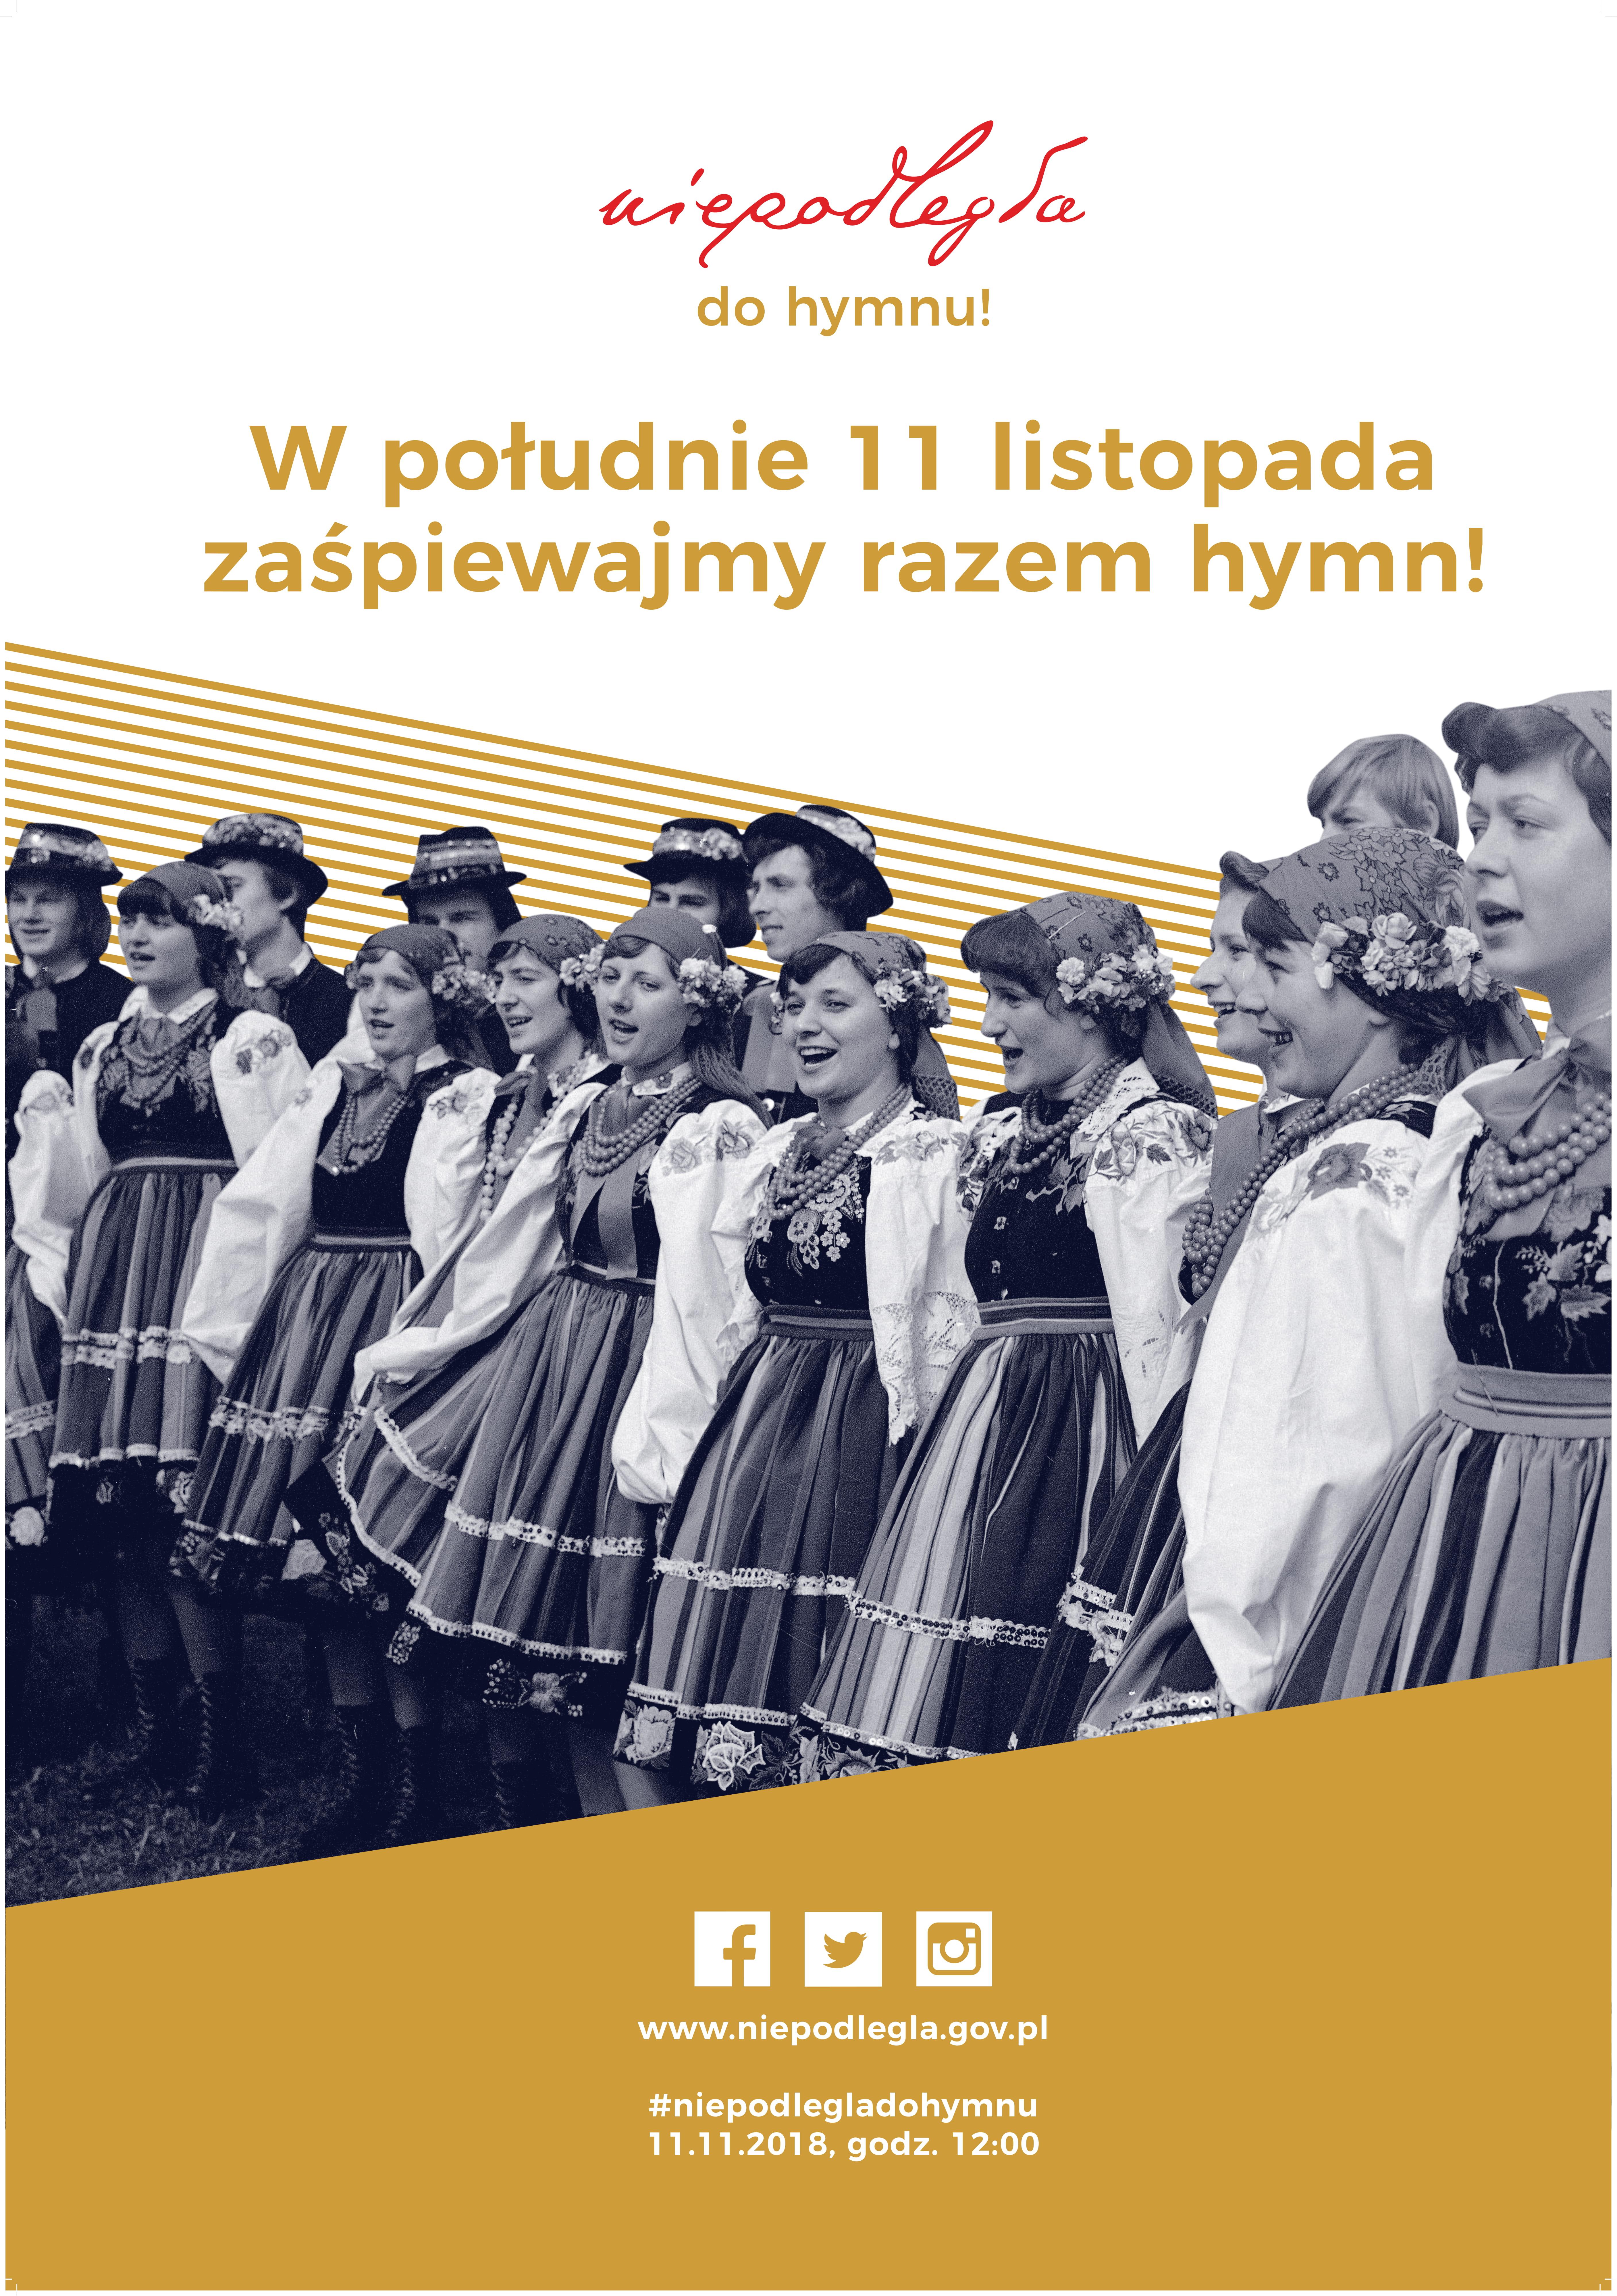 niepodlegla_do_hymnu-2-1